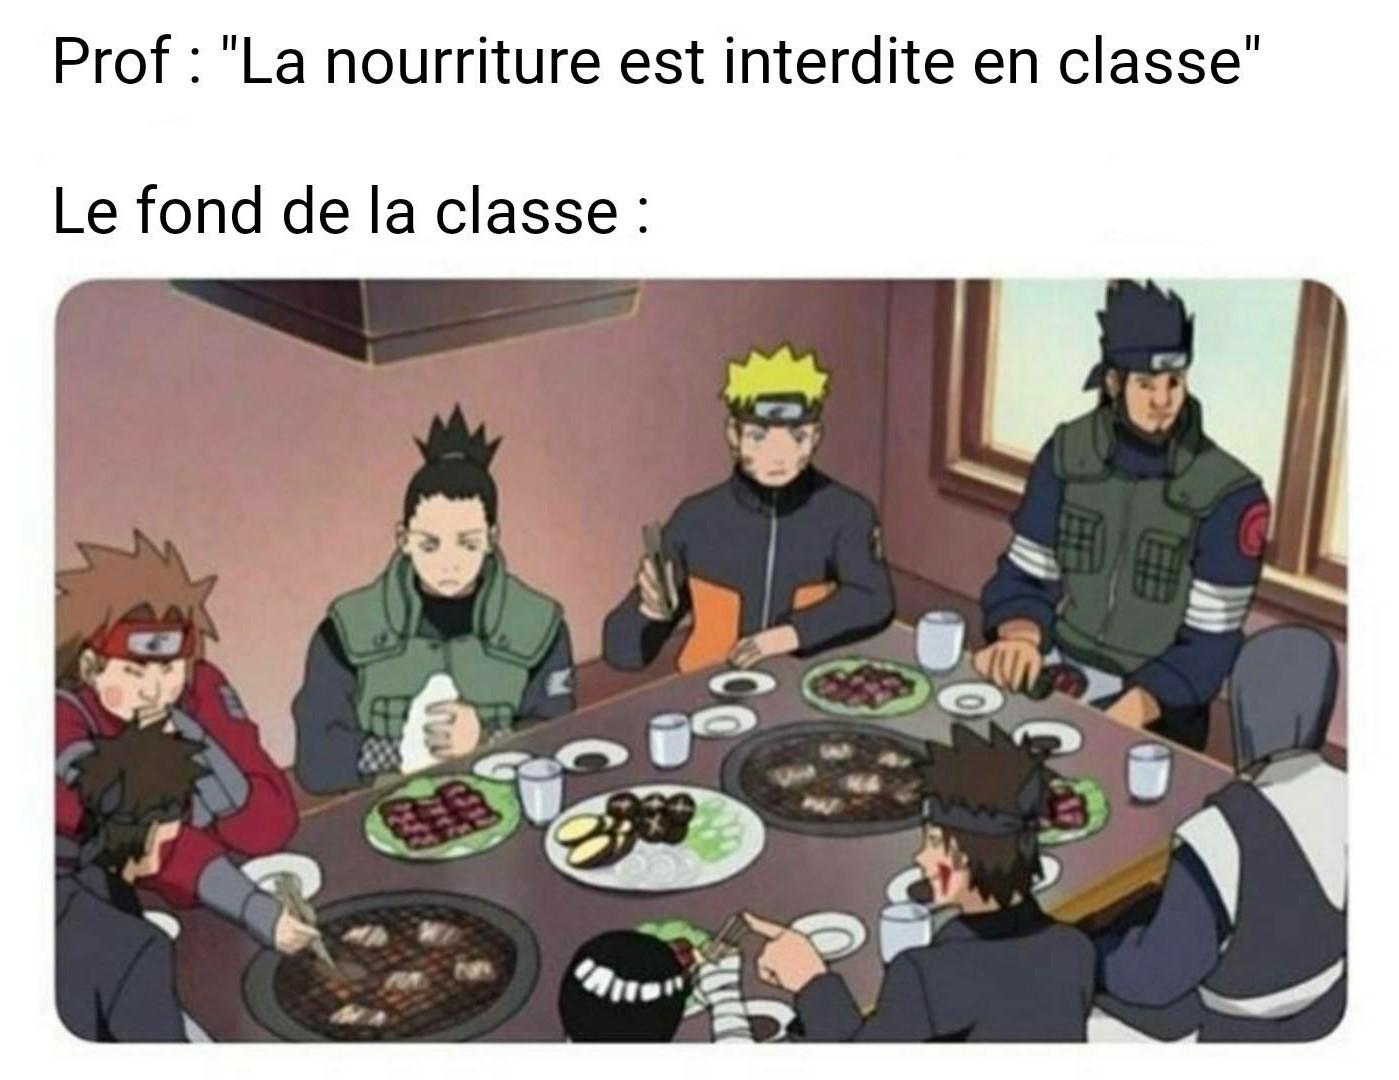 Toujours le fond de la classe :/ - meme